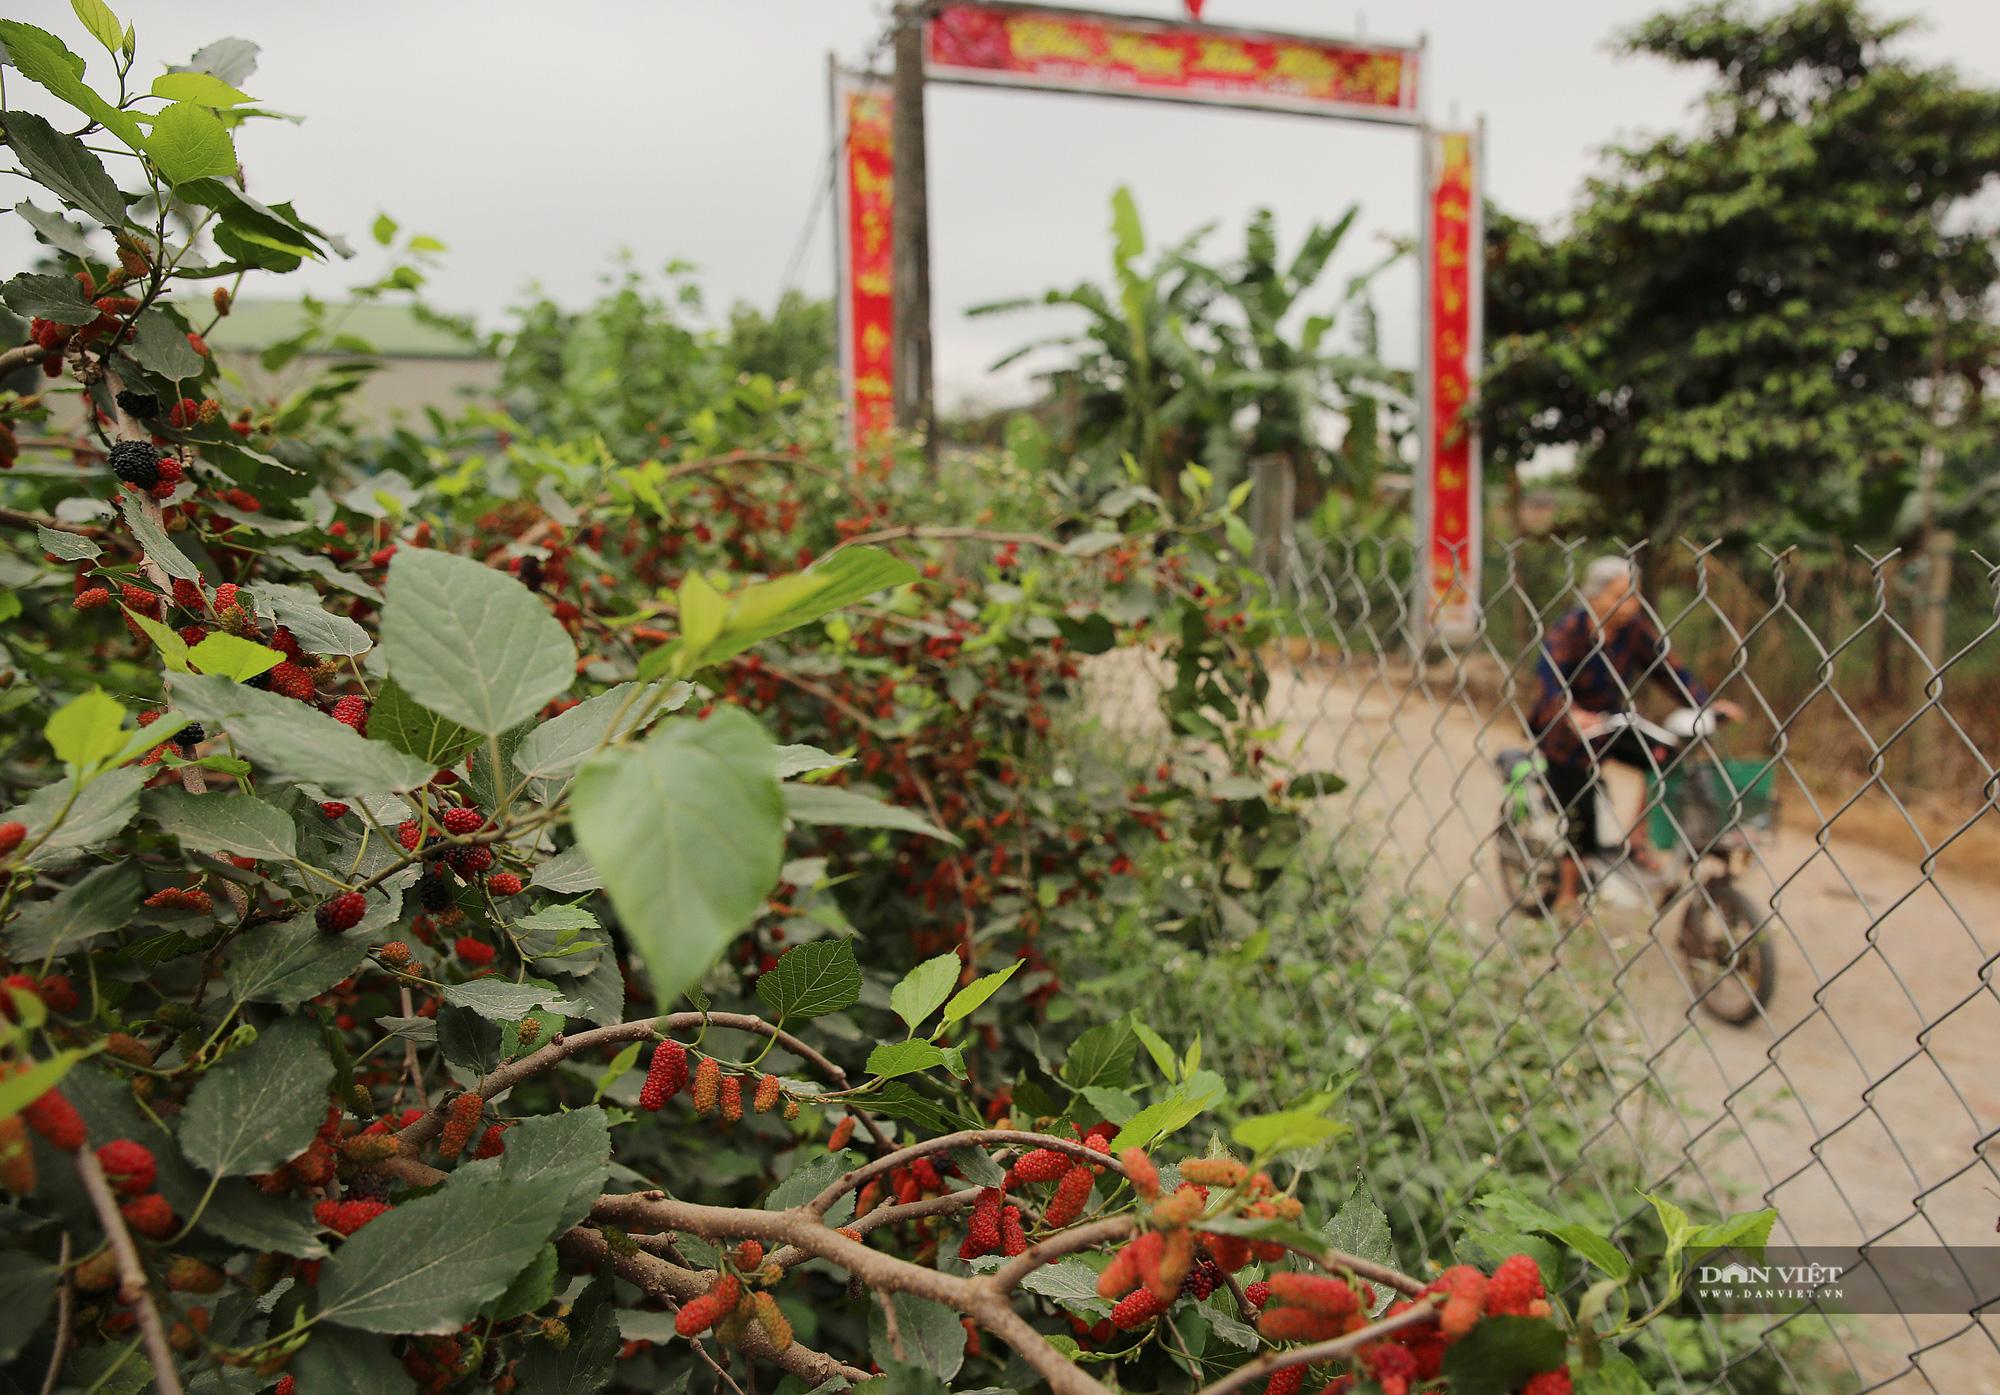 Nhộn nhịp mùa thu hoạch loại quả dùng để ngâm đường, lá cho tằm ăn ở Hà Nội - Ảnh 1.